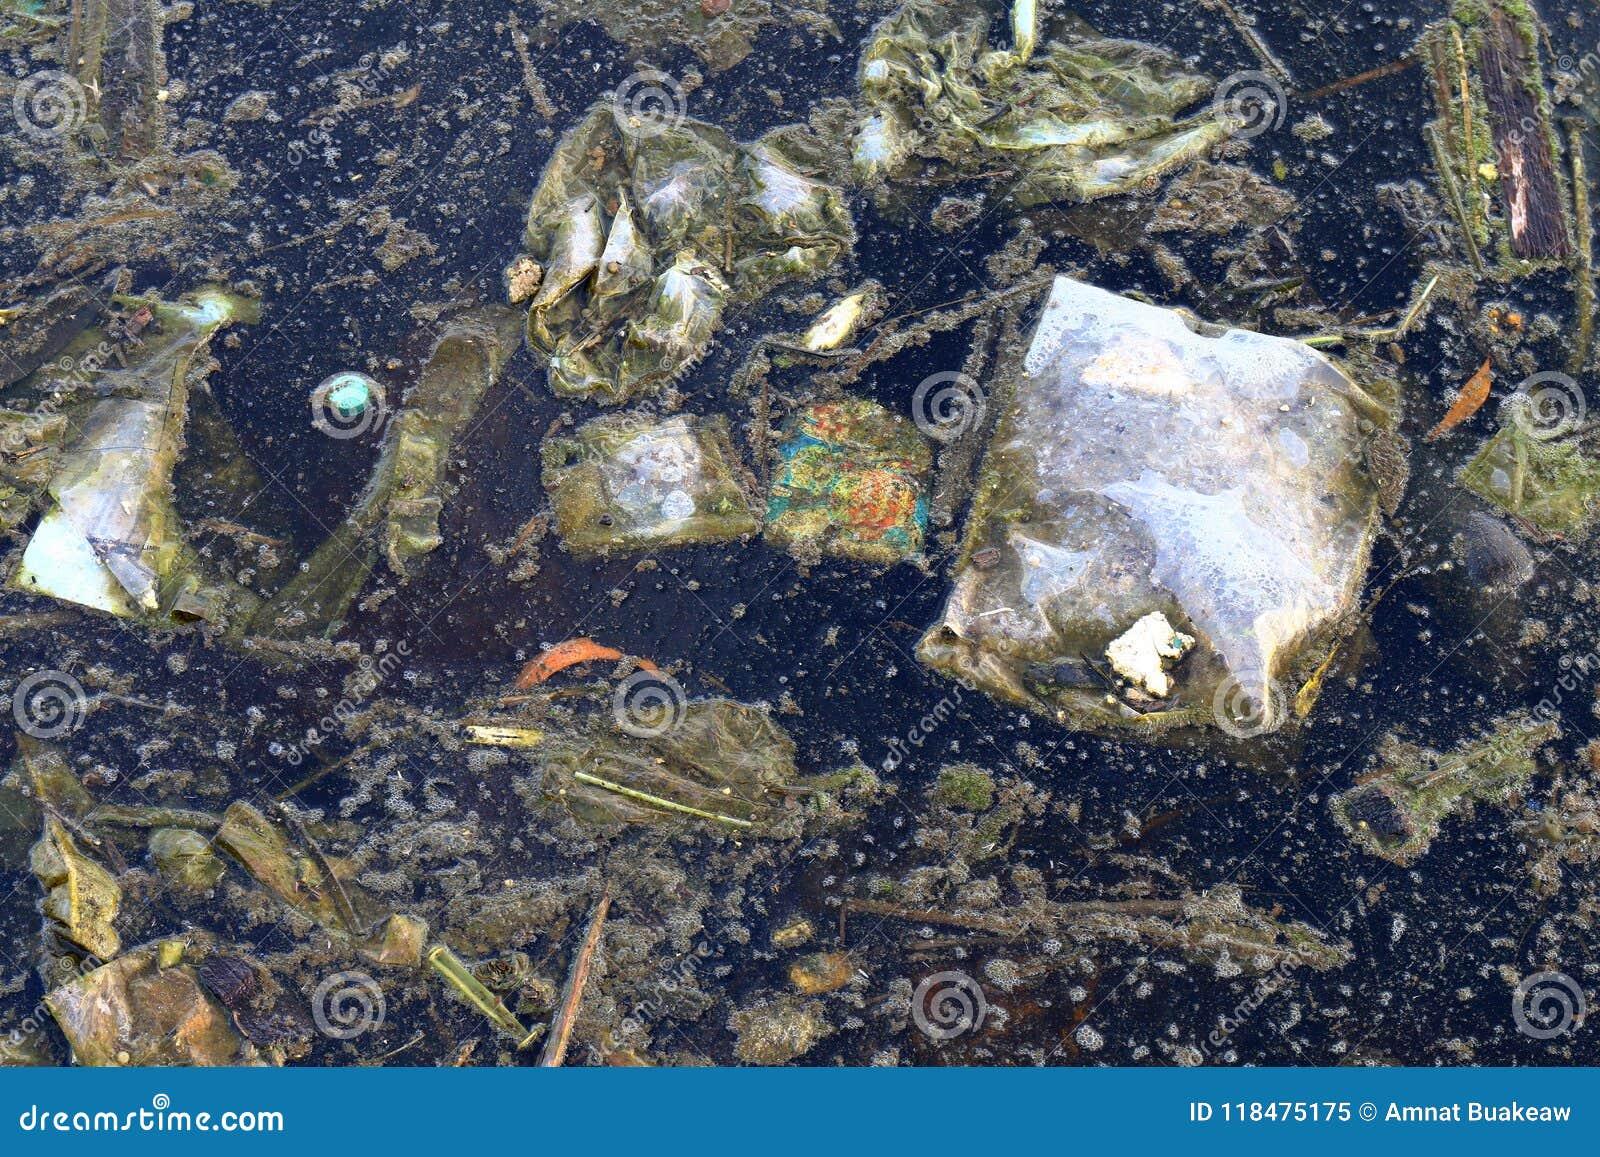 Brudna woda, Śmieciarski mech w kanalizacyjnym, Przegniłym ścieki, Przemysłowy skażenie wody, odpady w wodnym środowisko problemu